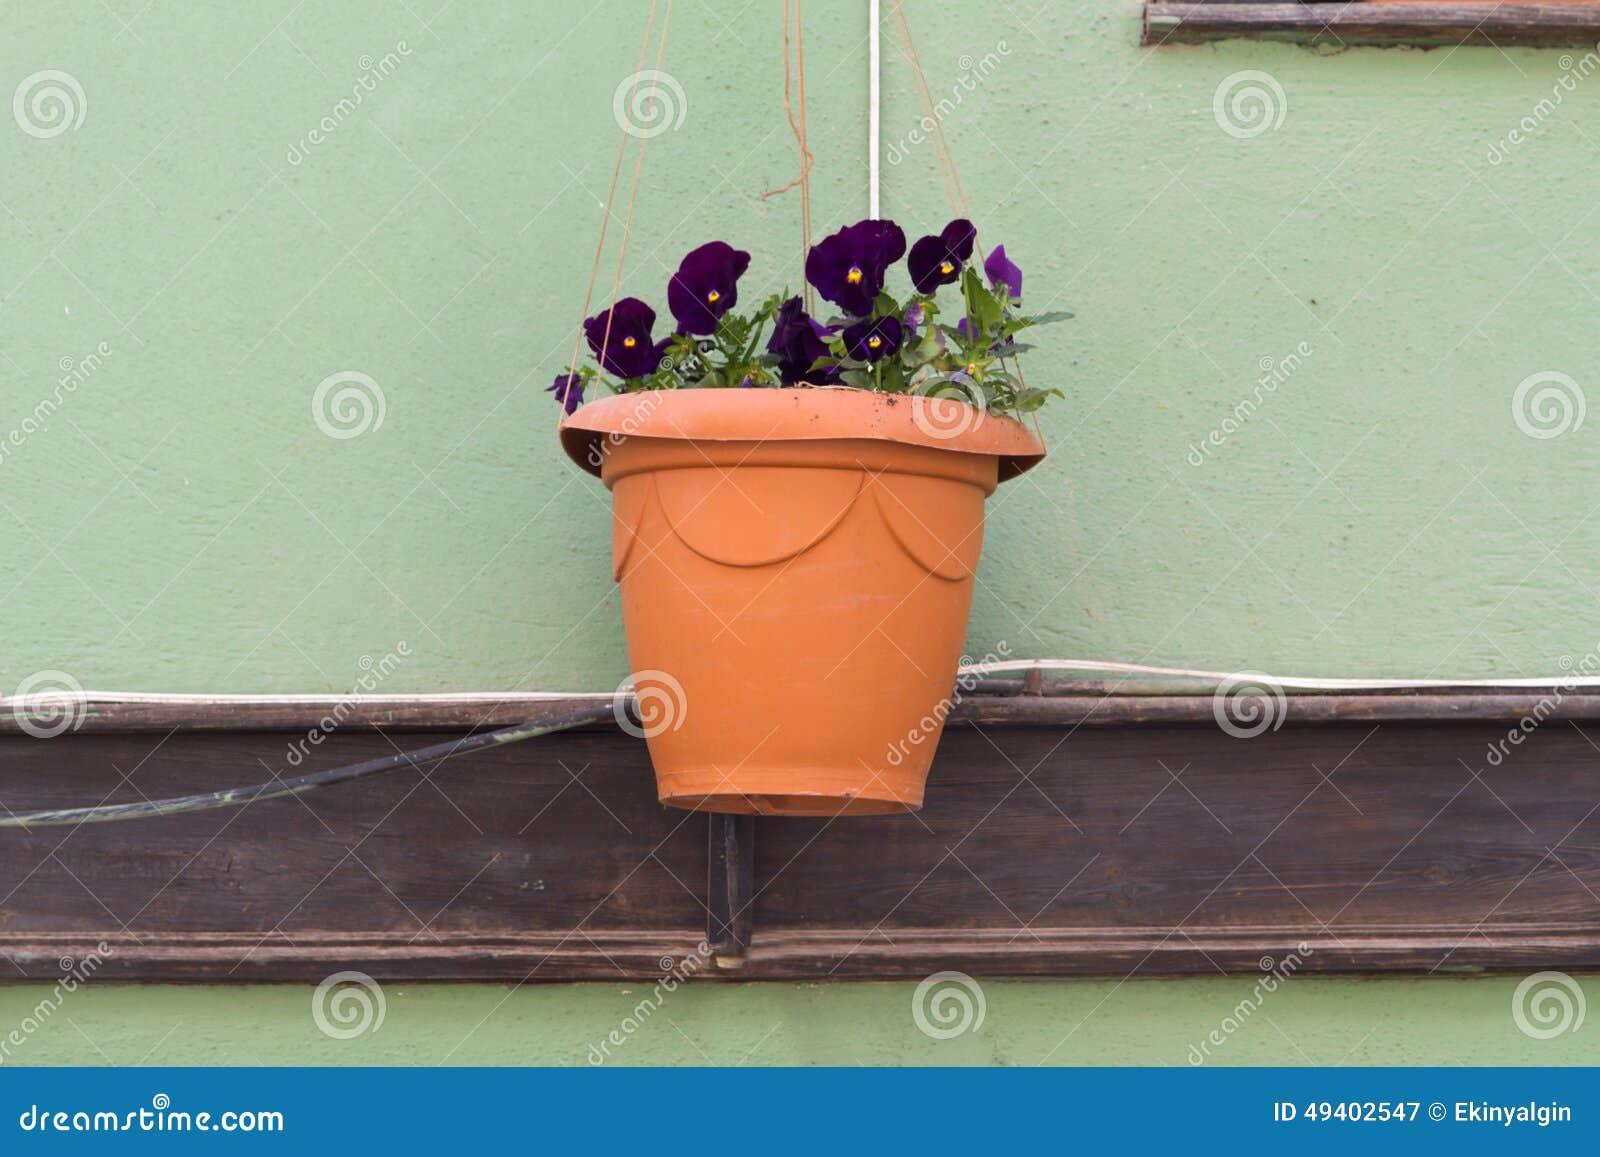 Download Blume im Topf auf Wand stockbild. Bild von blatt, tonwaren - 49402547